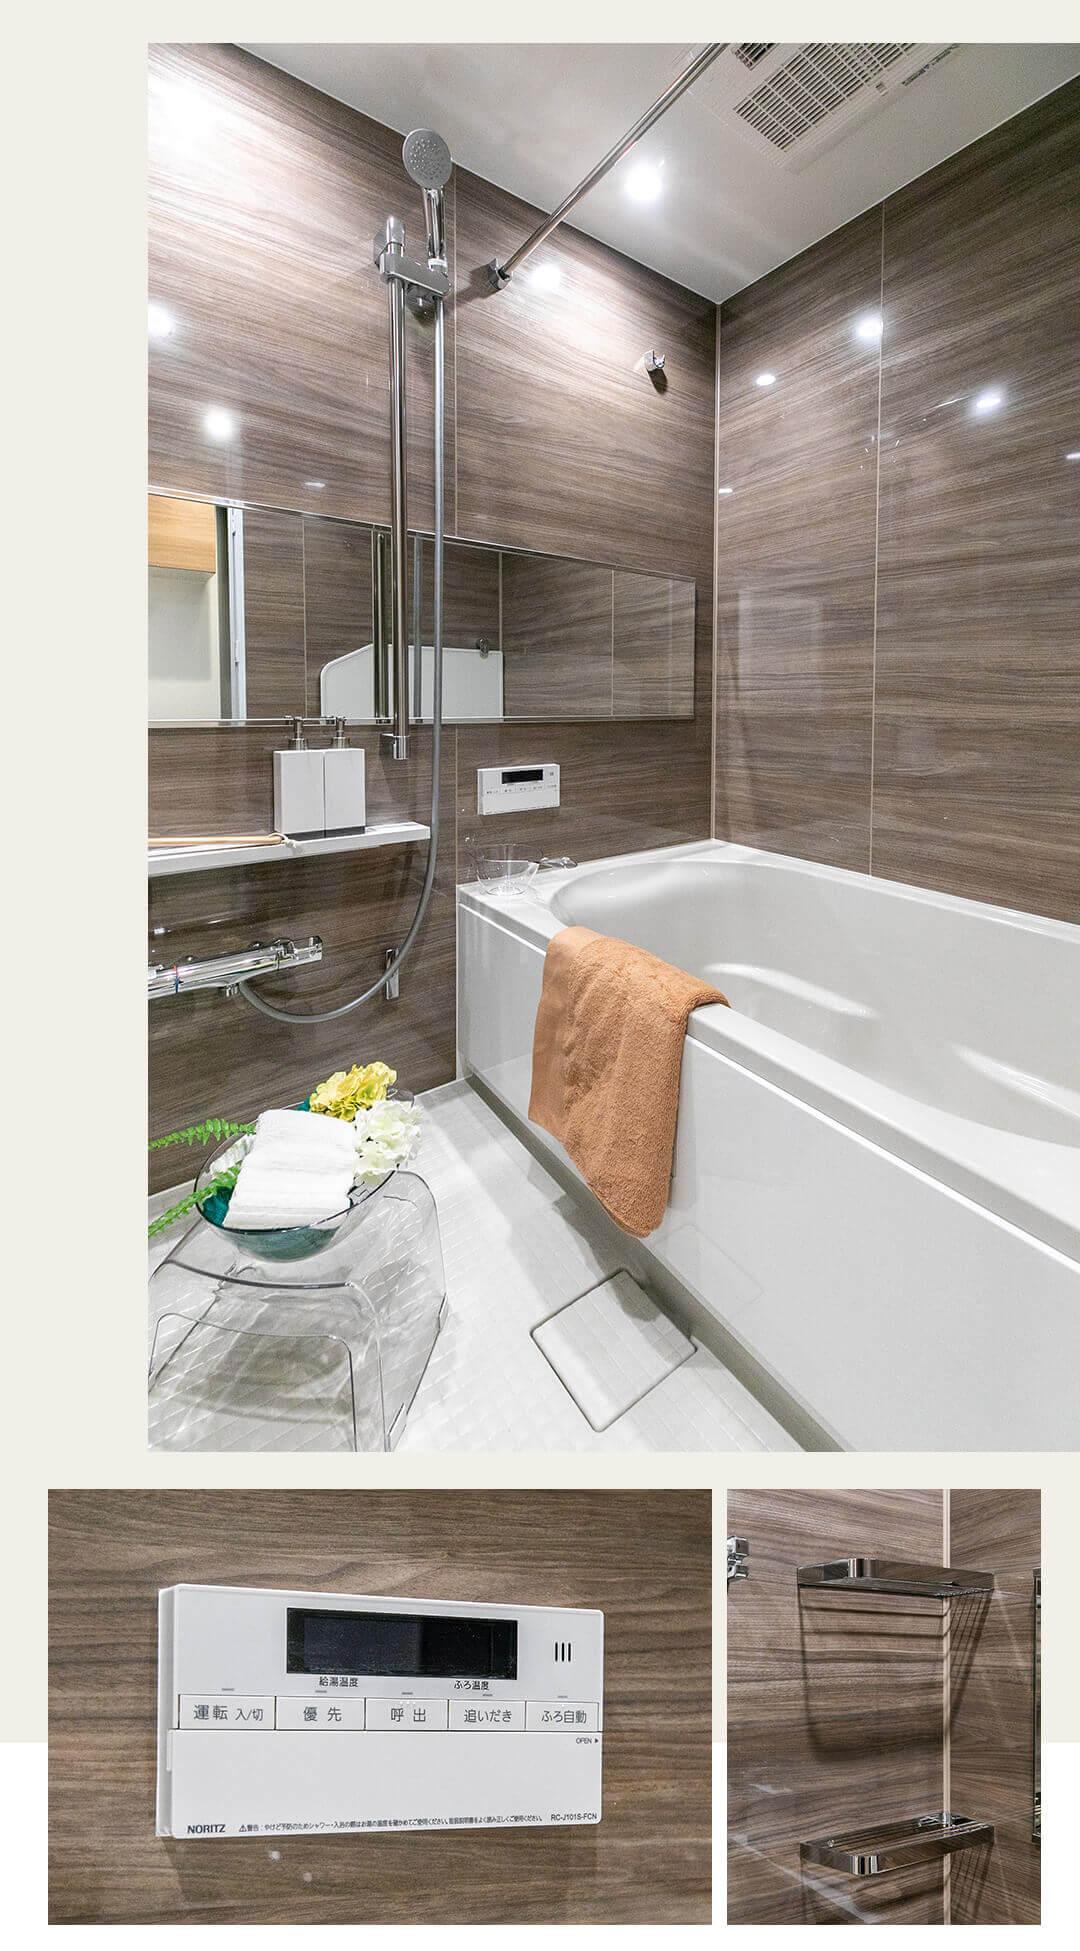 ダイアパレス上池台ブライトヒル 205の浴室